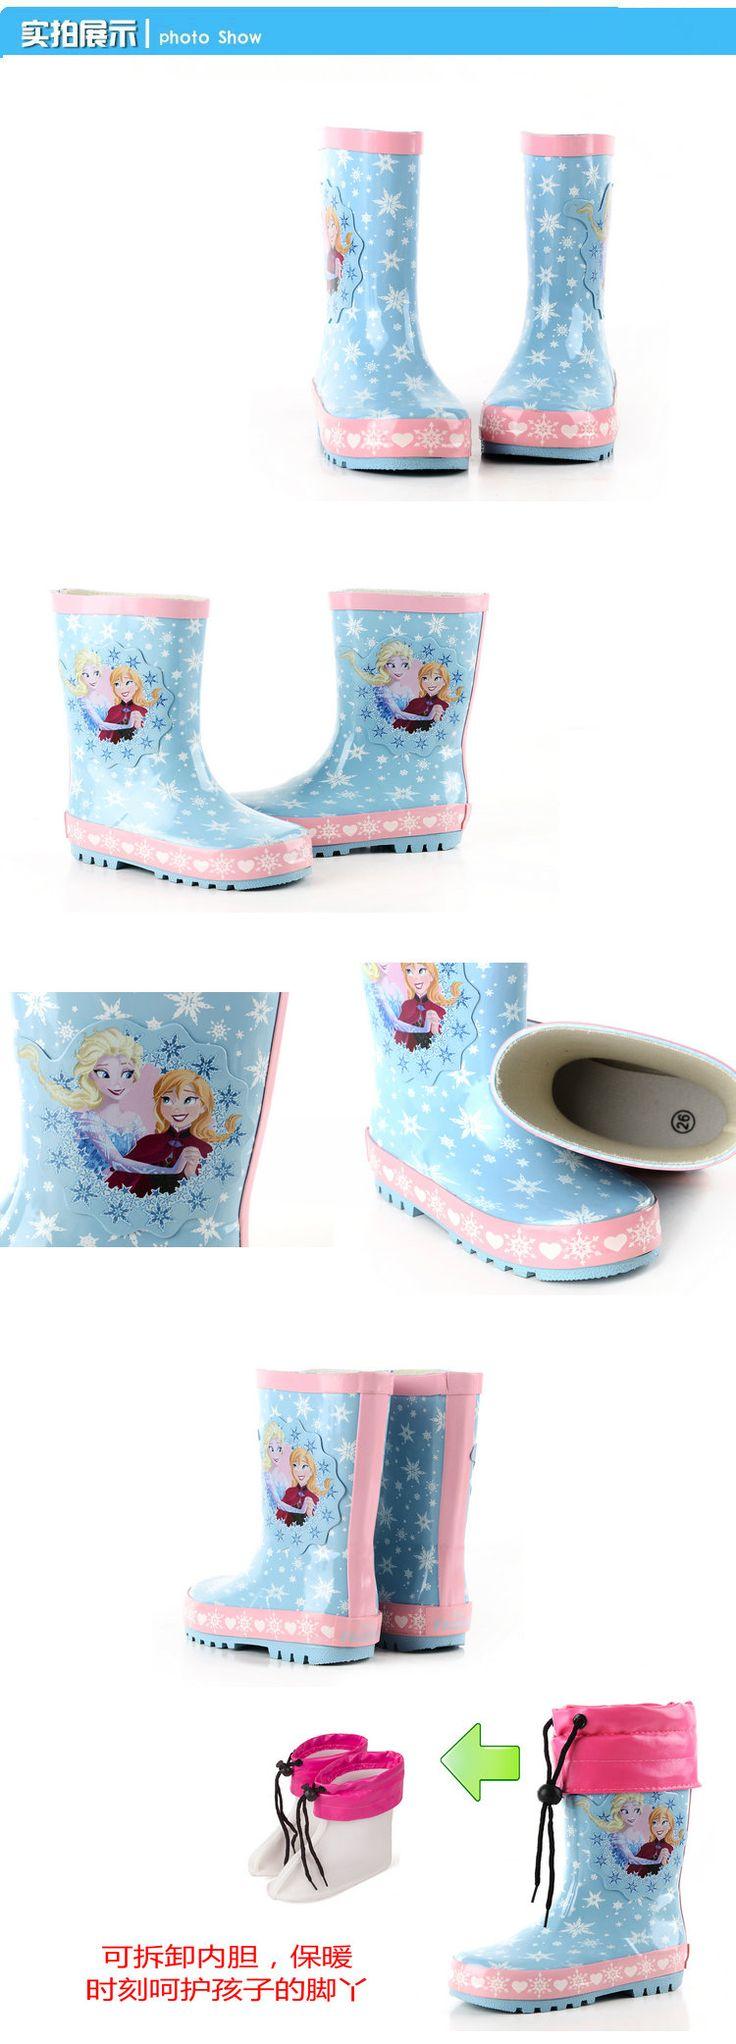 Мода мультфильм ребенка дождь сапоги девочек анти-скольжения воды обувь ребенка малыша ботинки дождя бахилы толще Бесплатная доставка-Таобао глобальной вокзала